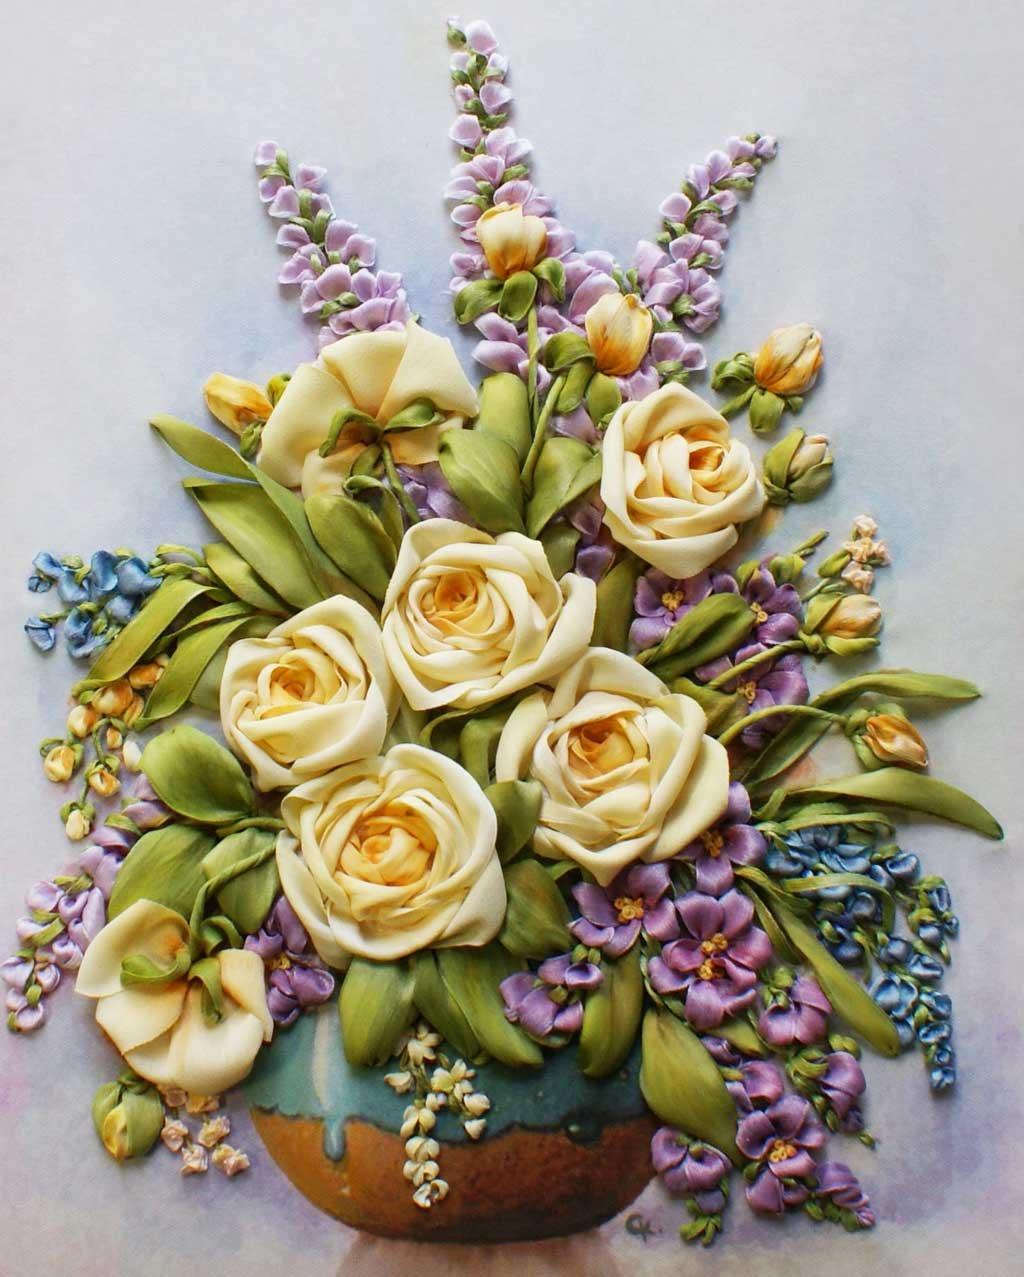 Вышивка лентами картинки розы, фотографию